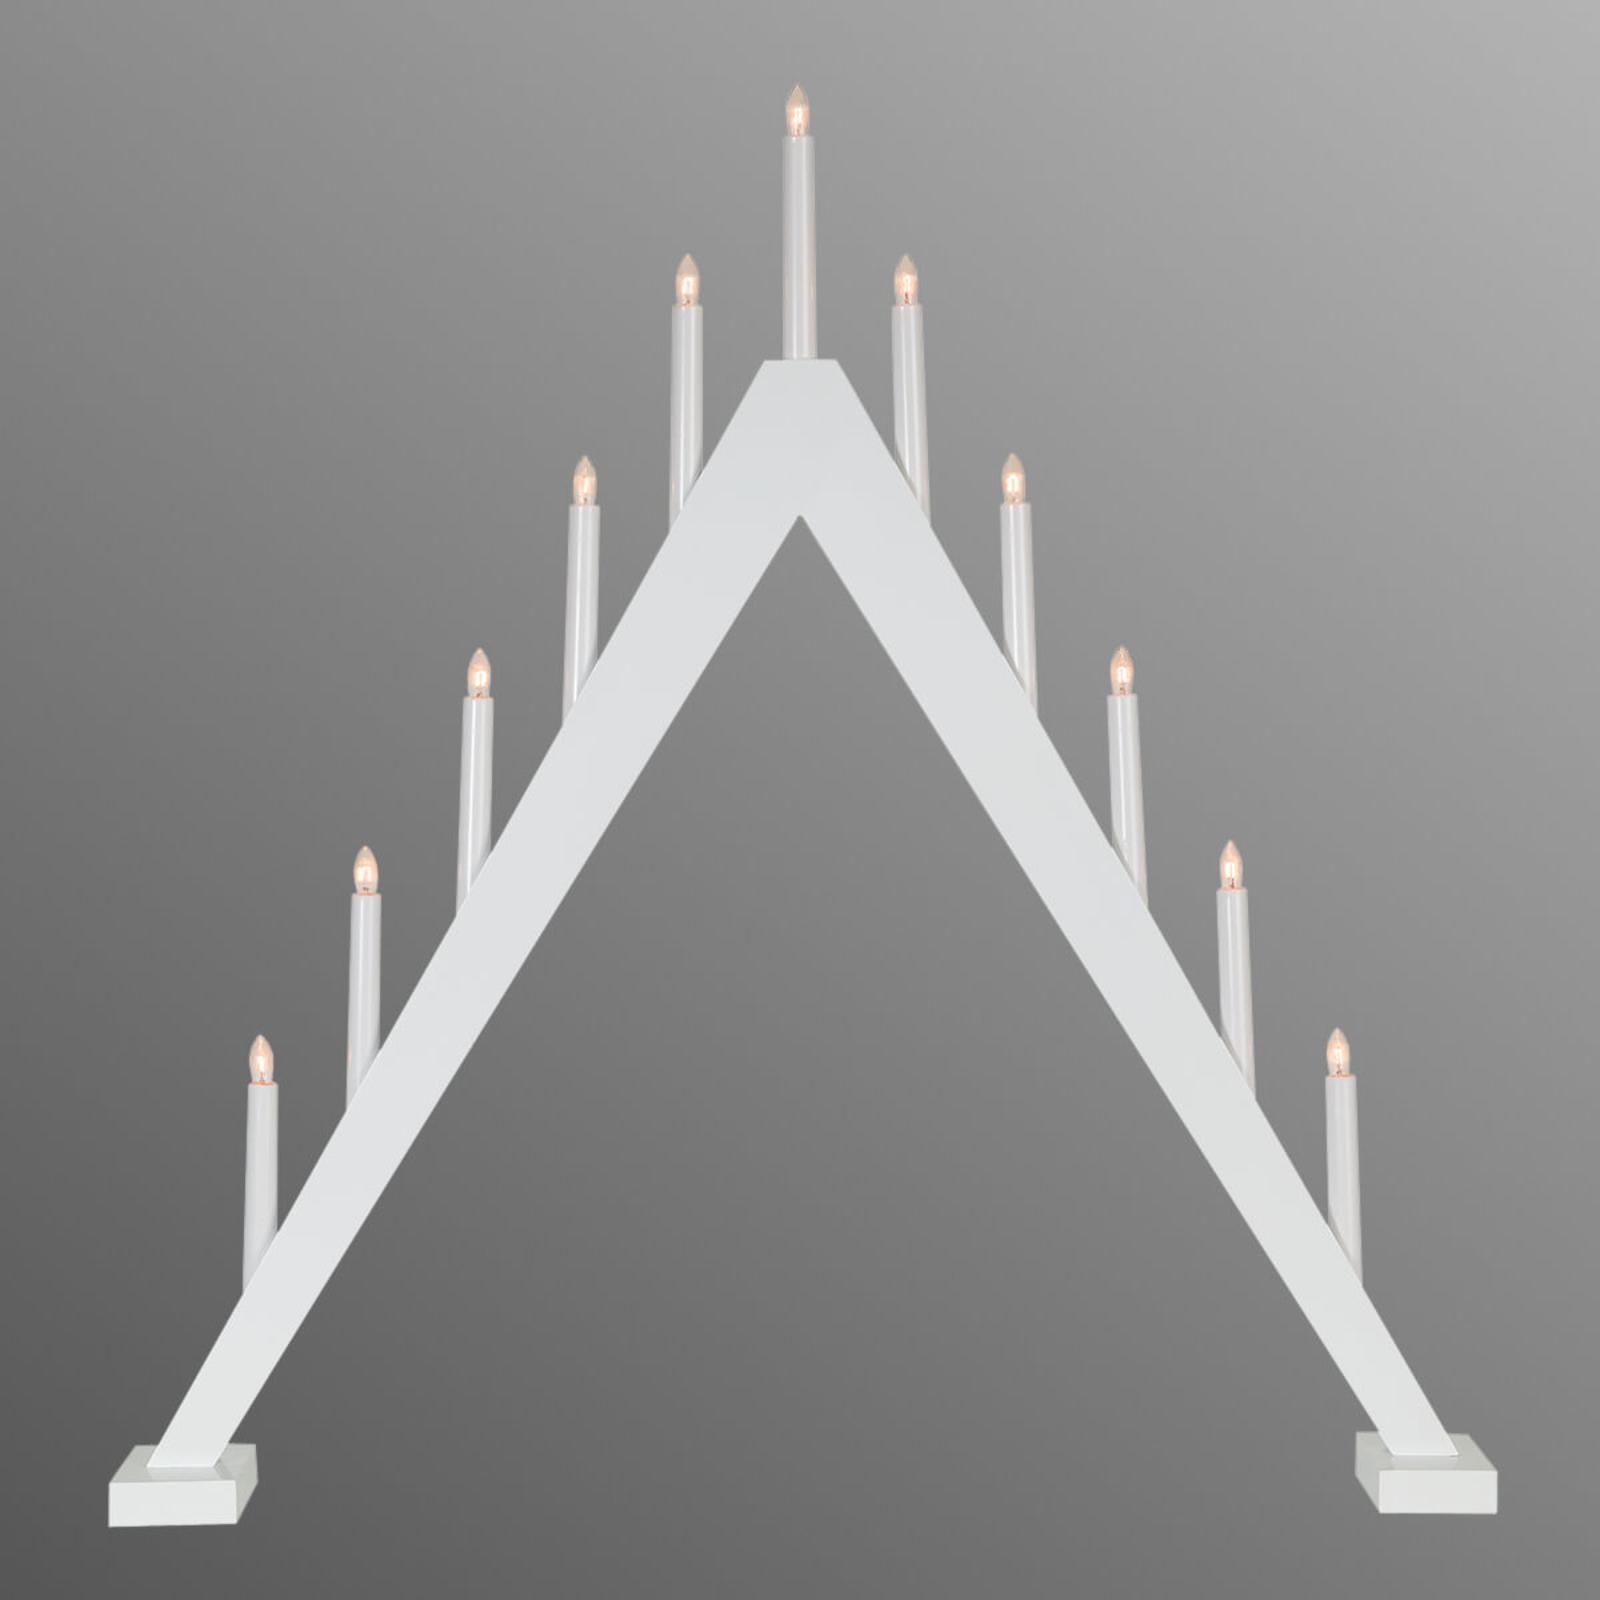 Świecznik Trill, 11-pkt., prosty kształt